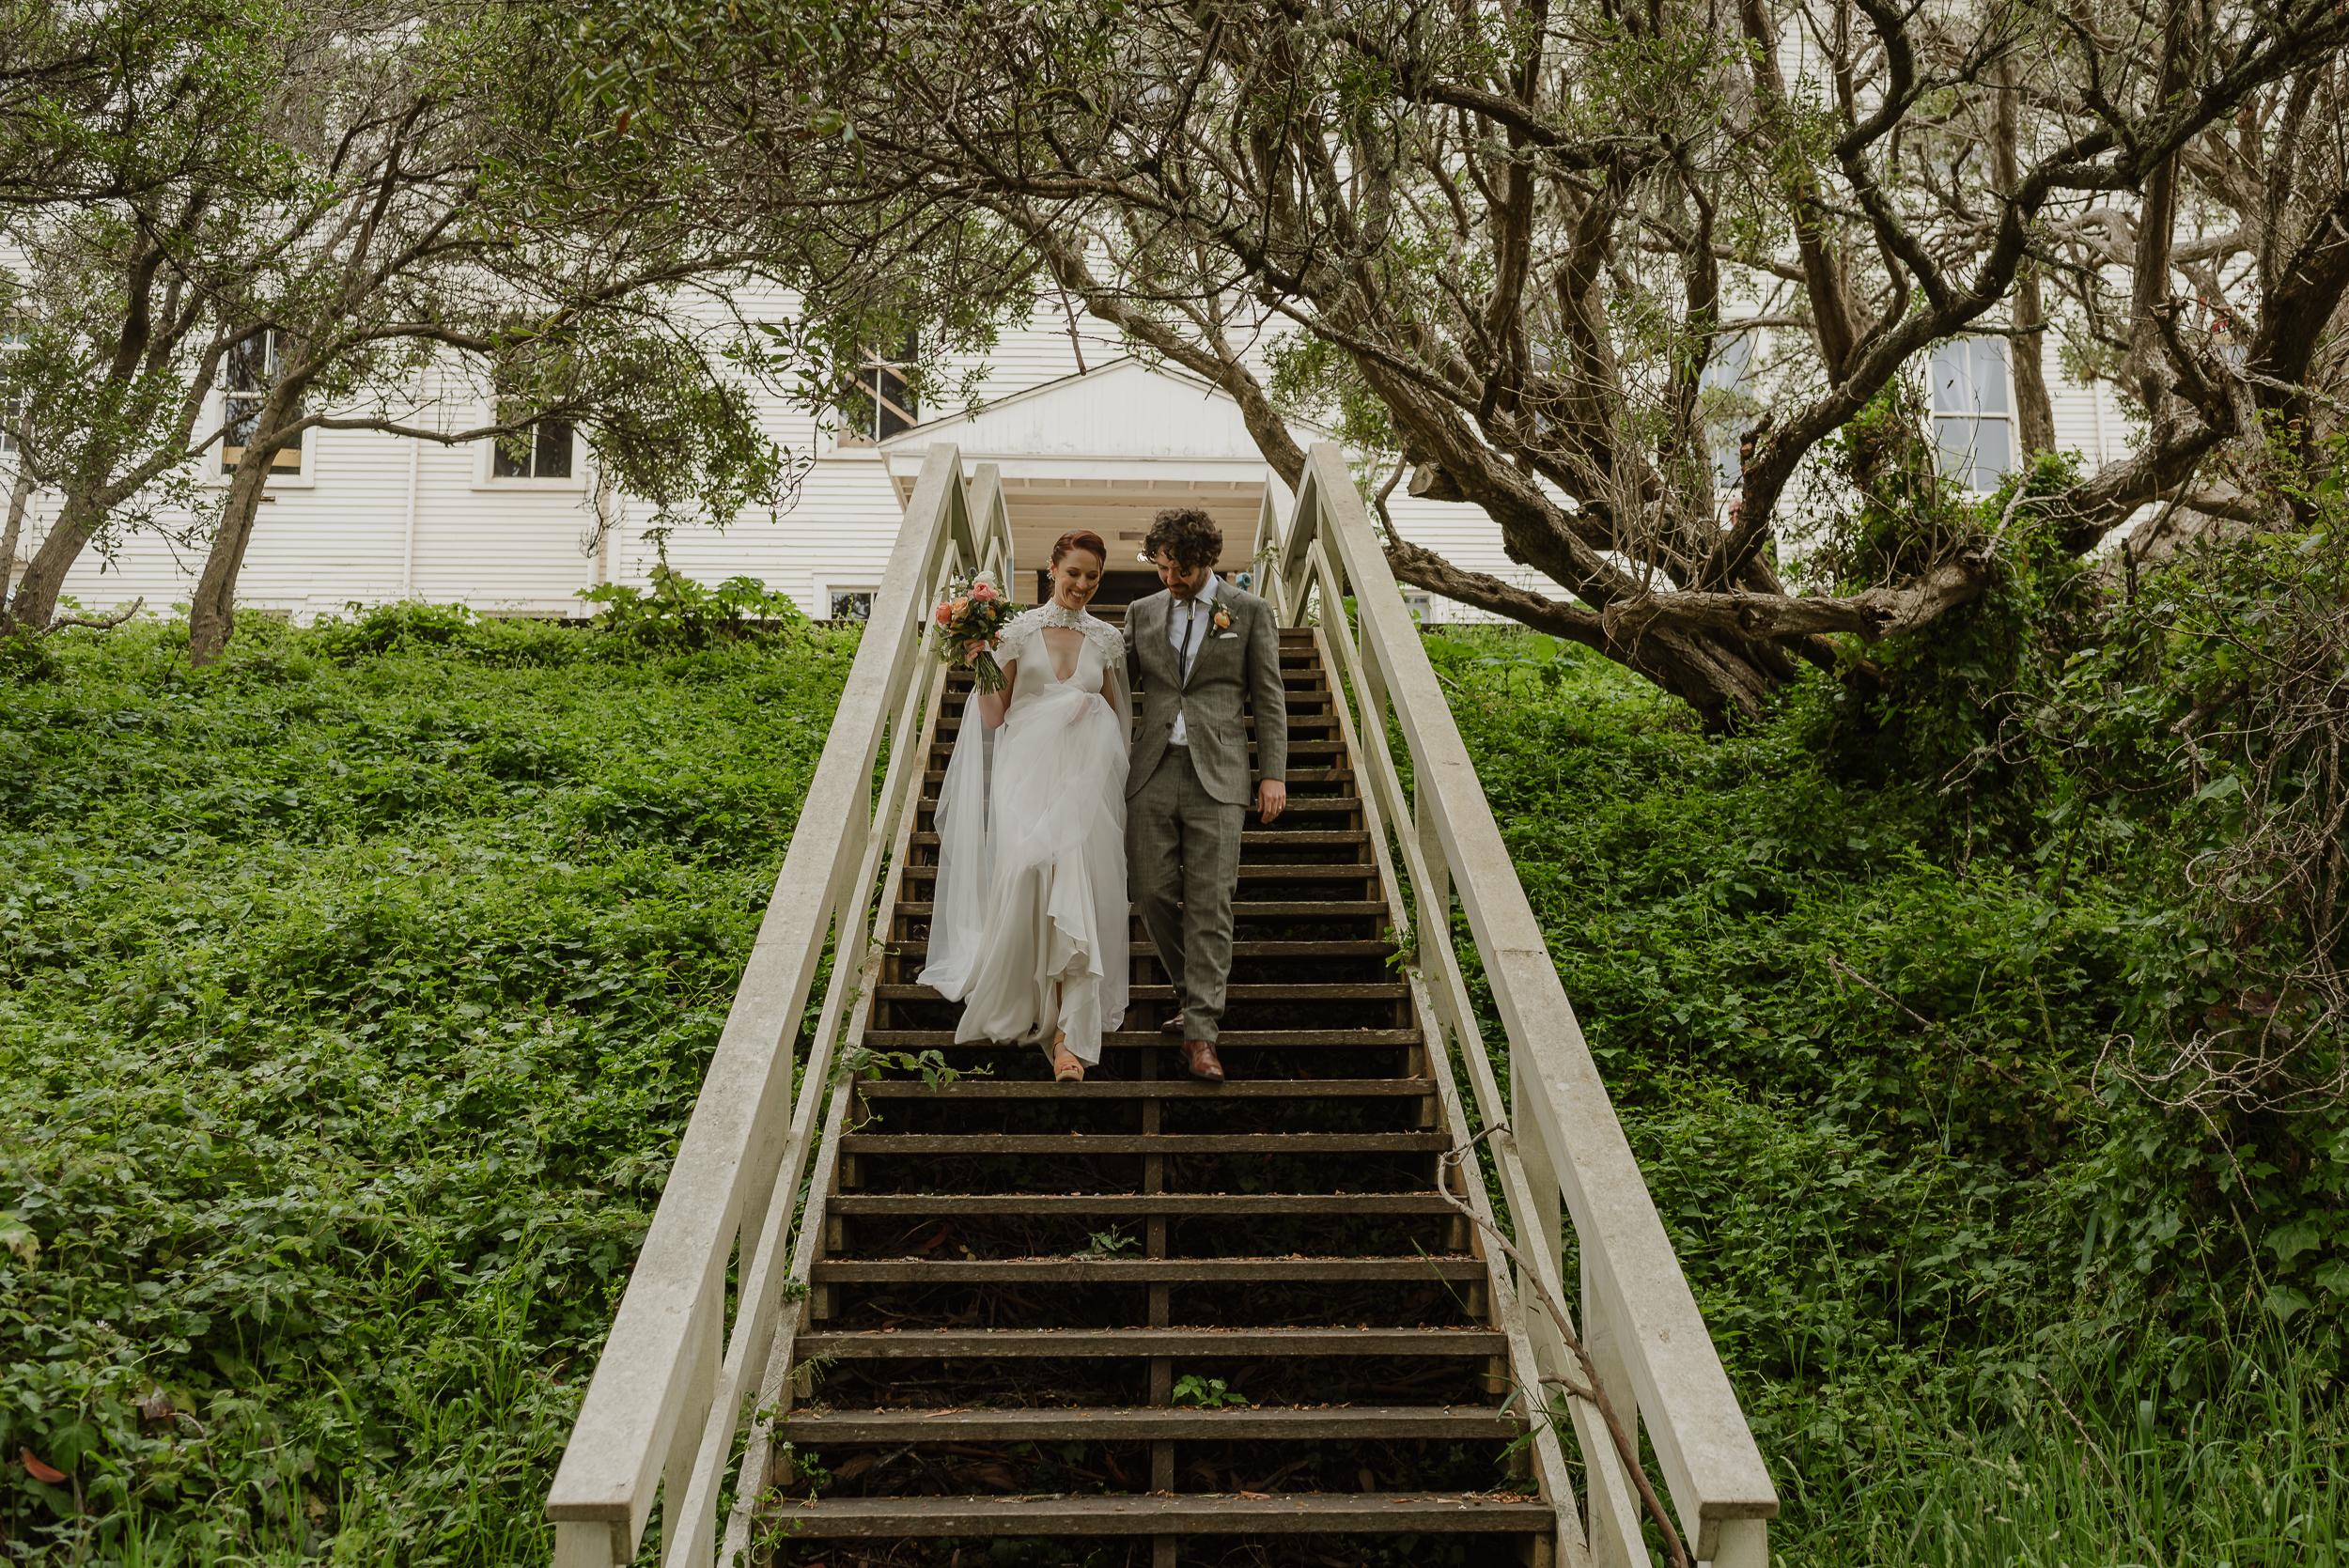 050-san-francisco-headlands-center-for-the-arts-wedding-vivianchen-265.jpg